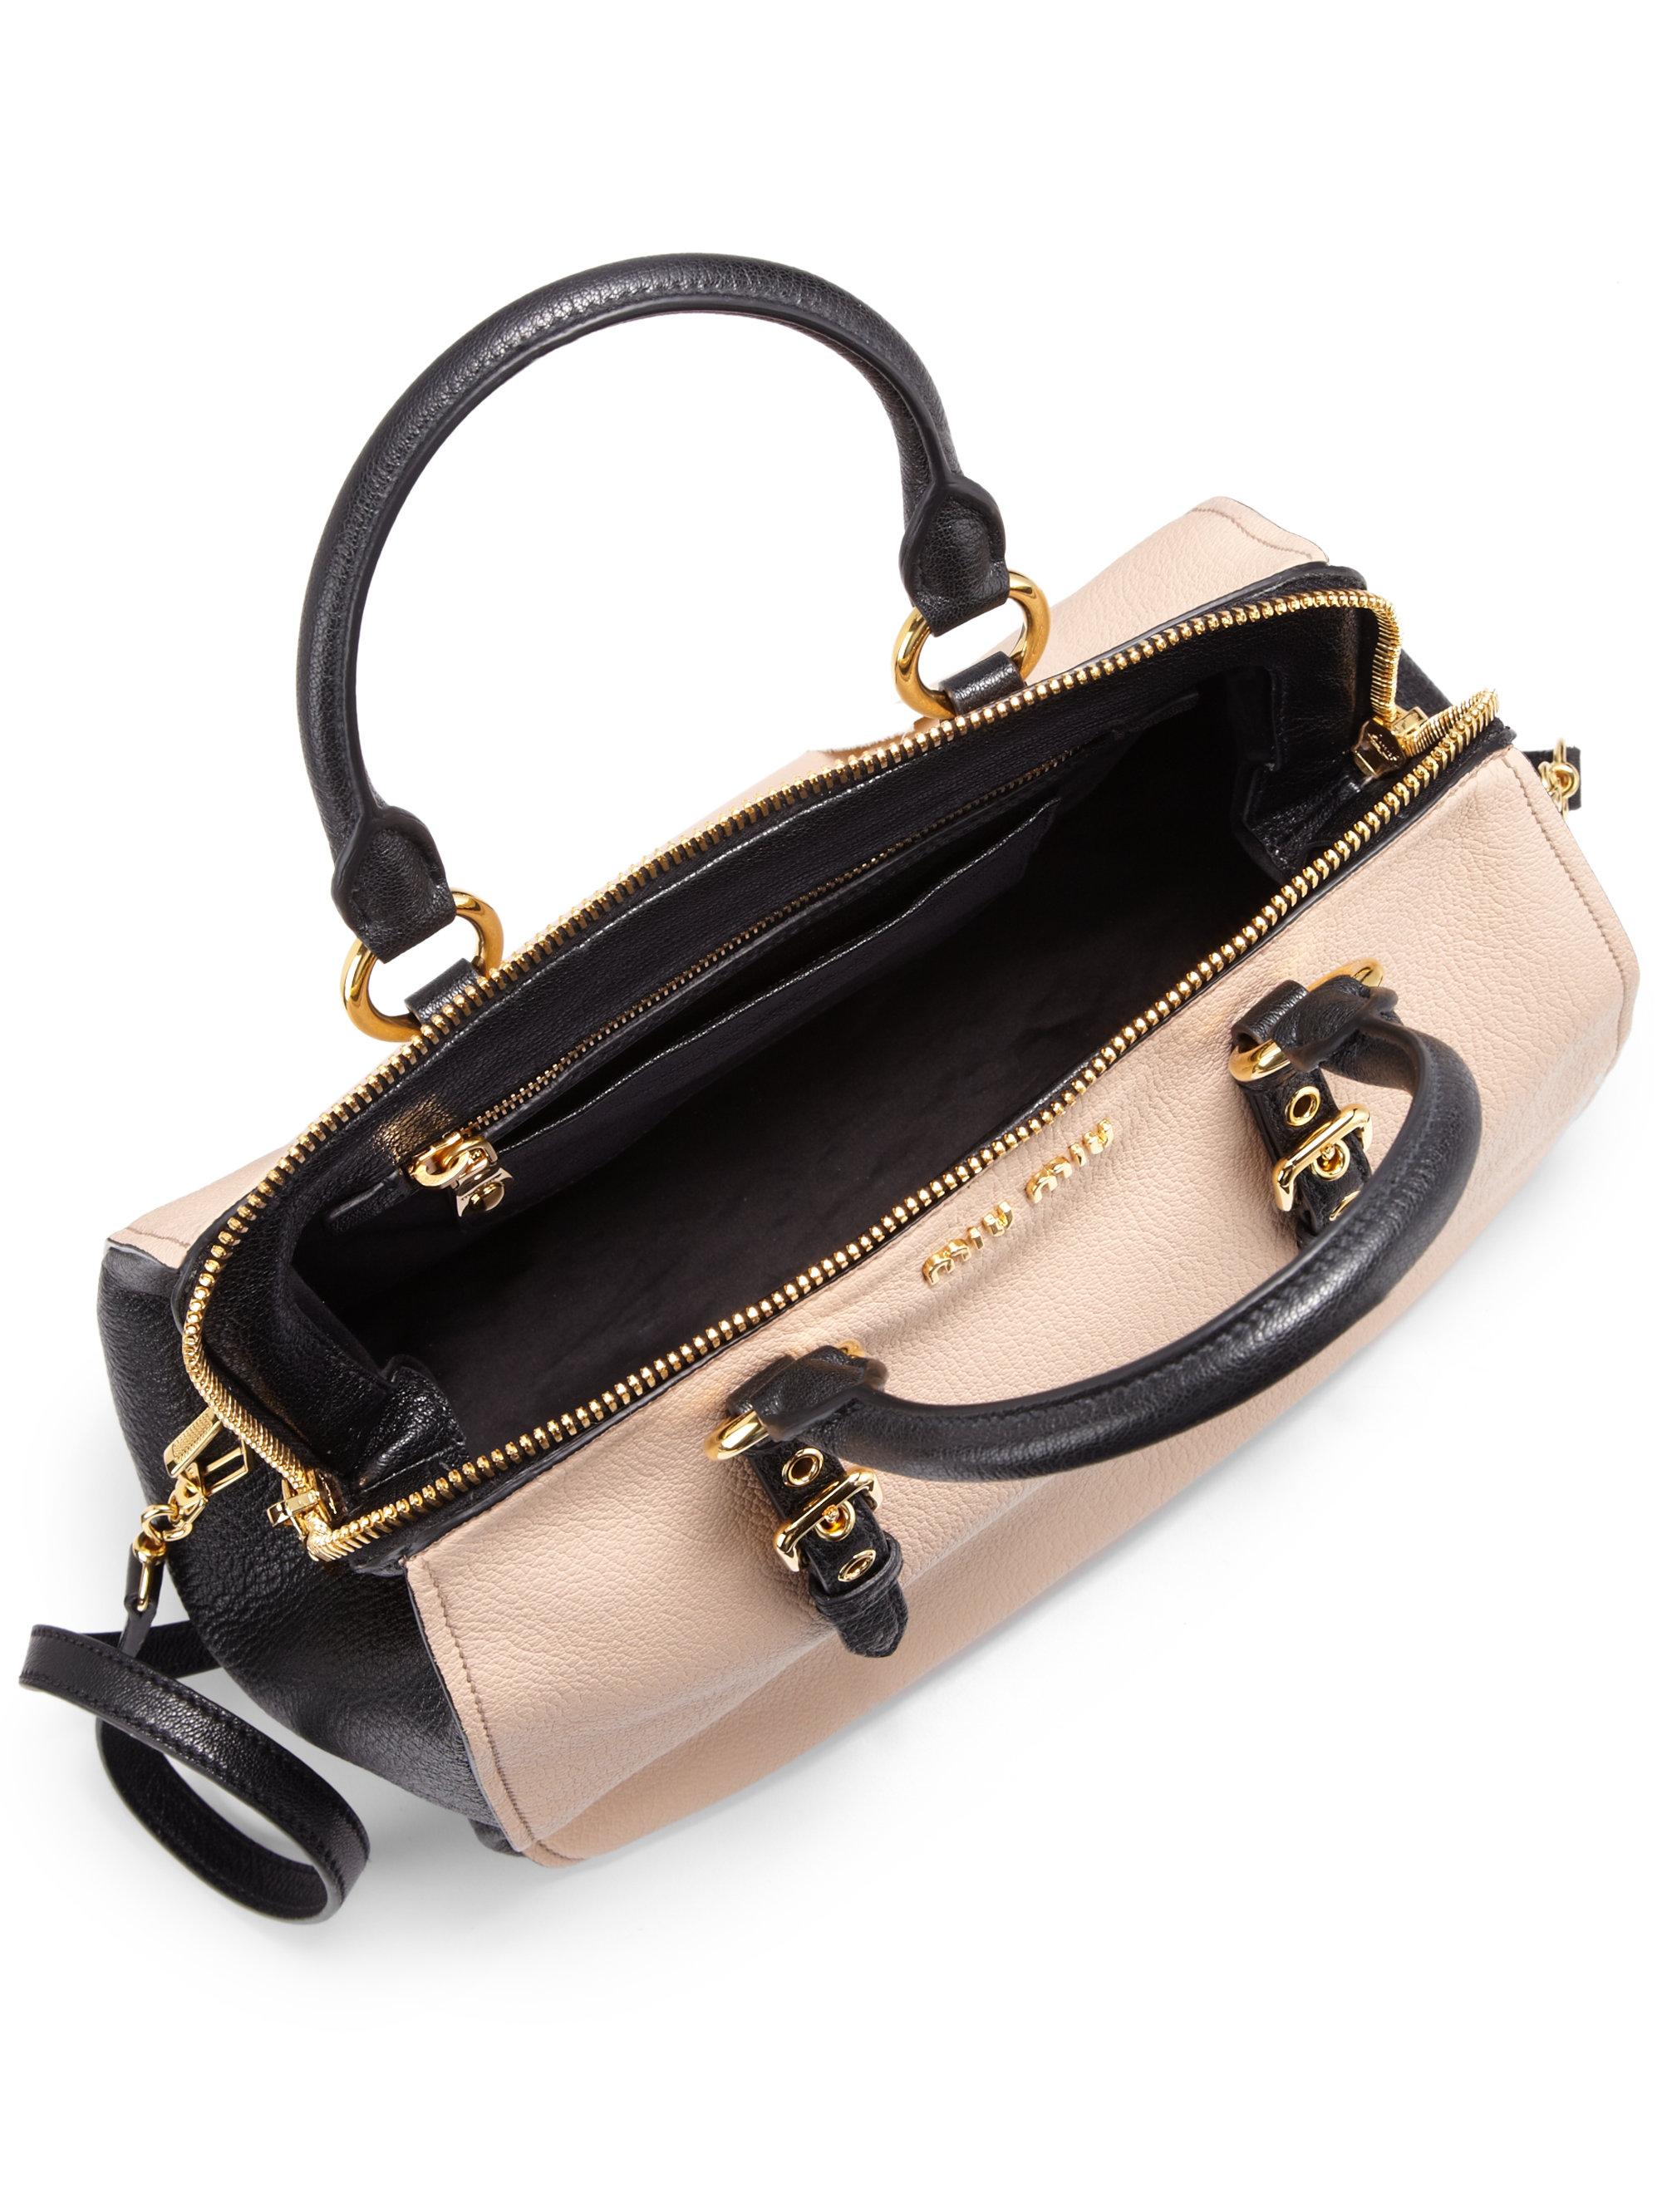 white prada tote - prada bi-color madras crossbody bag, cheap fake prada purses